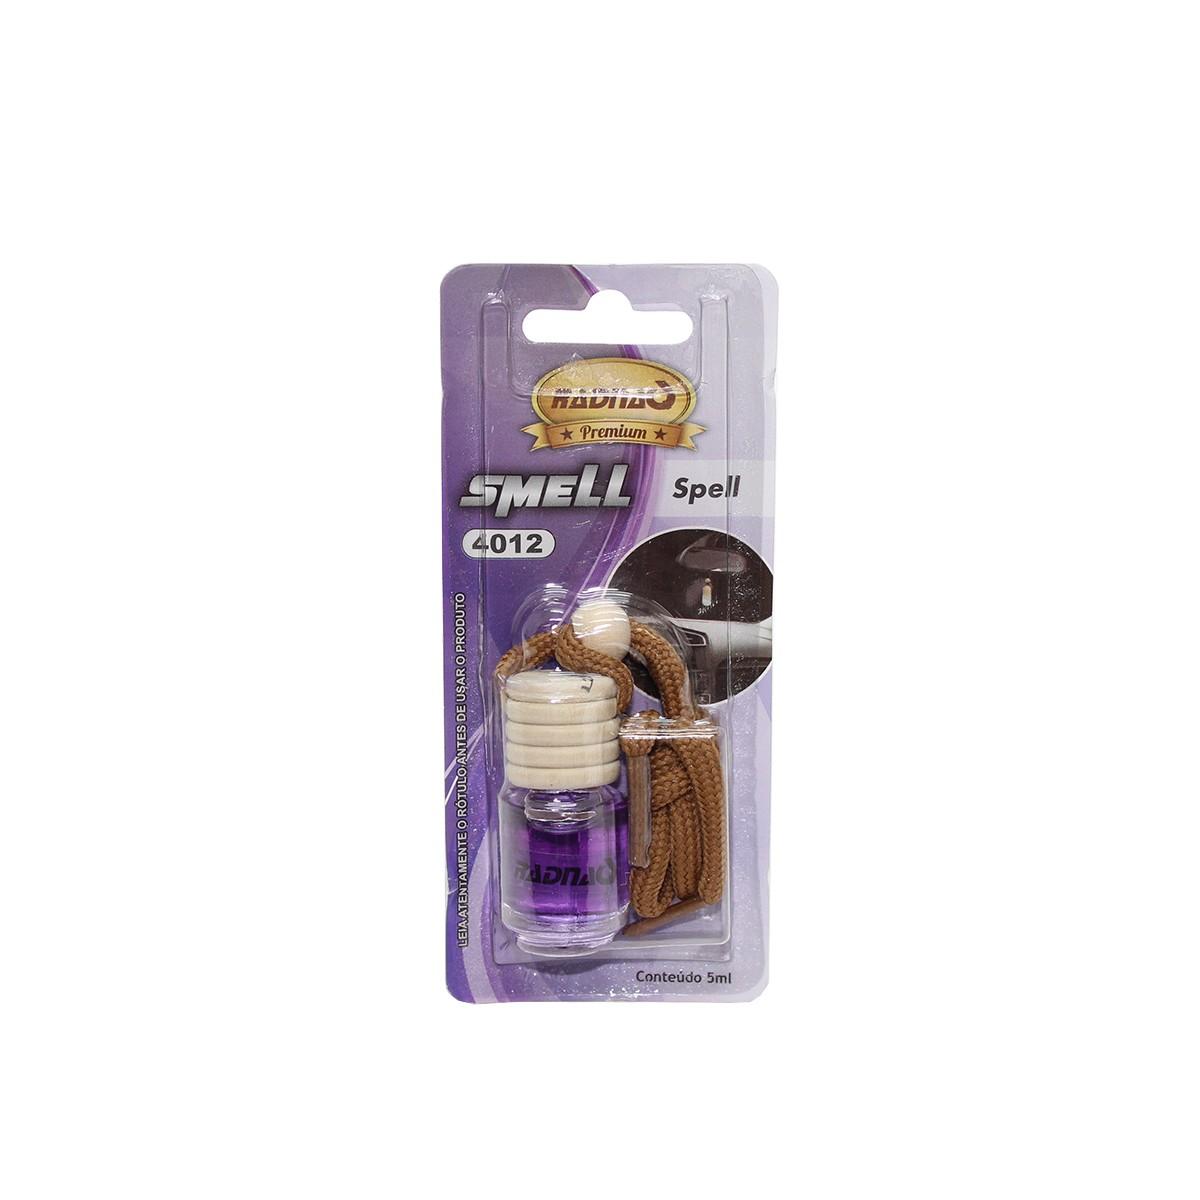 Odorizador / Cheirinho Veicular - Radnaq Smell - Spell